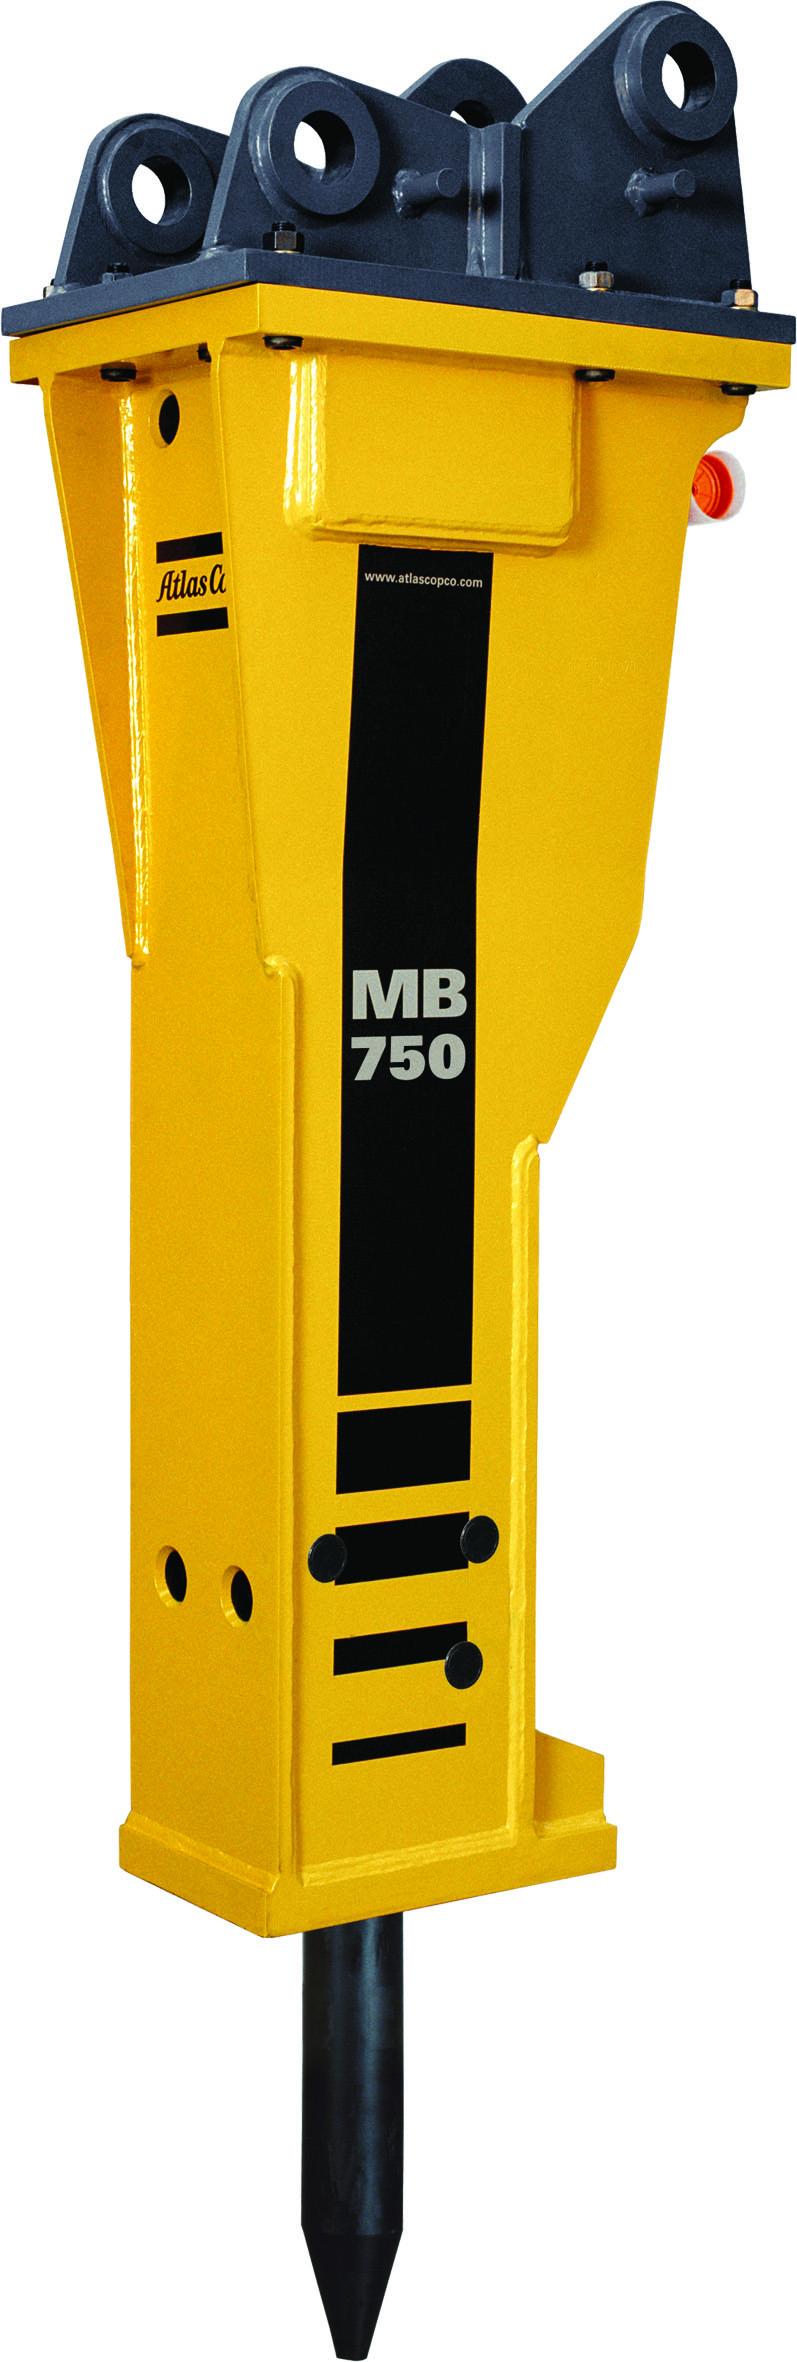 medium resolution of mb 750 jpg